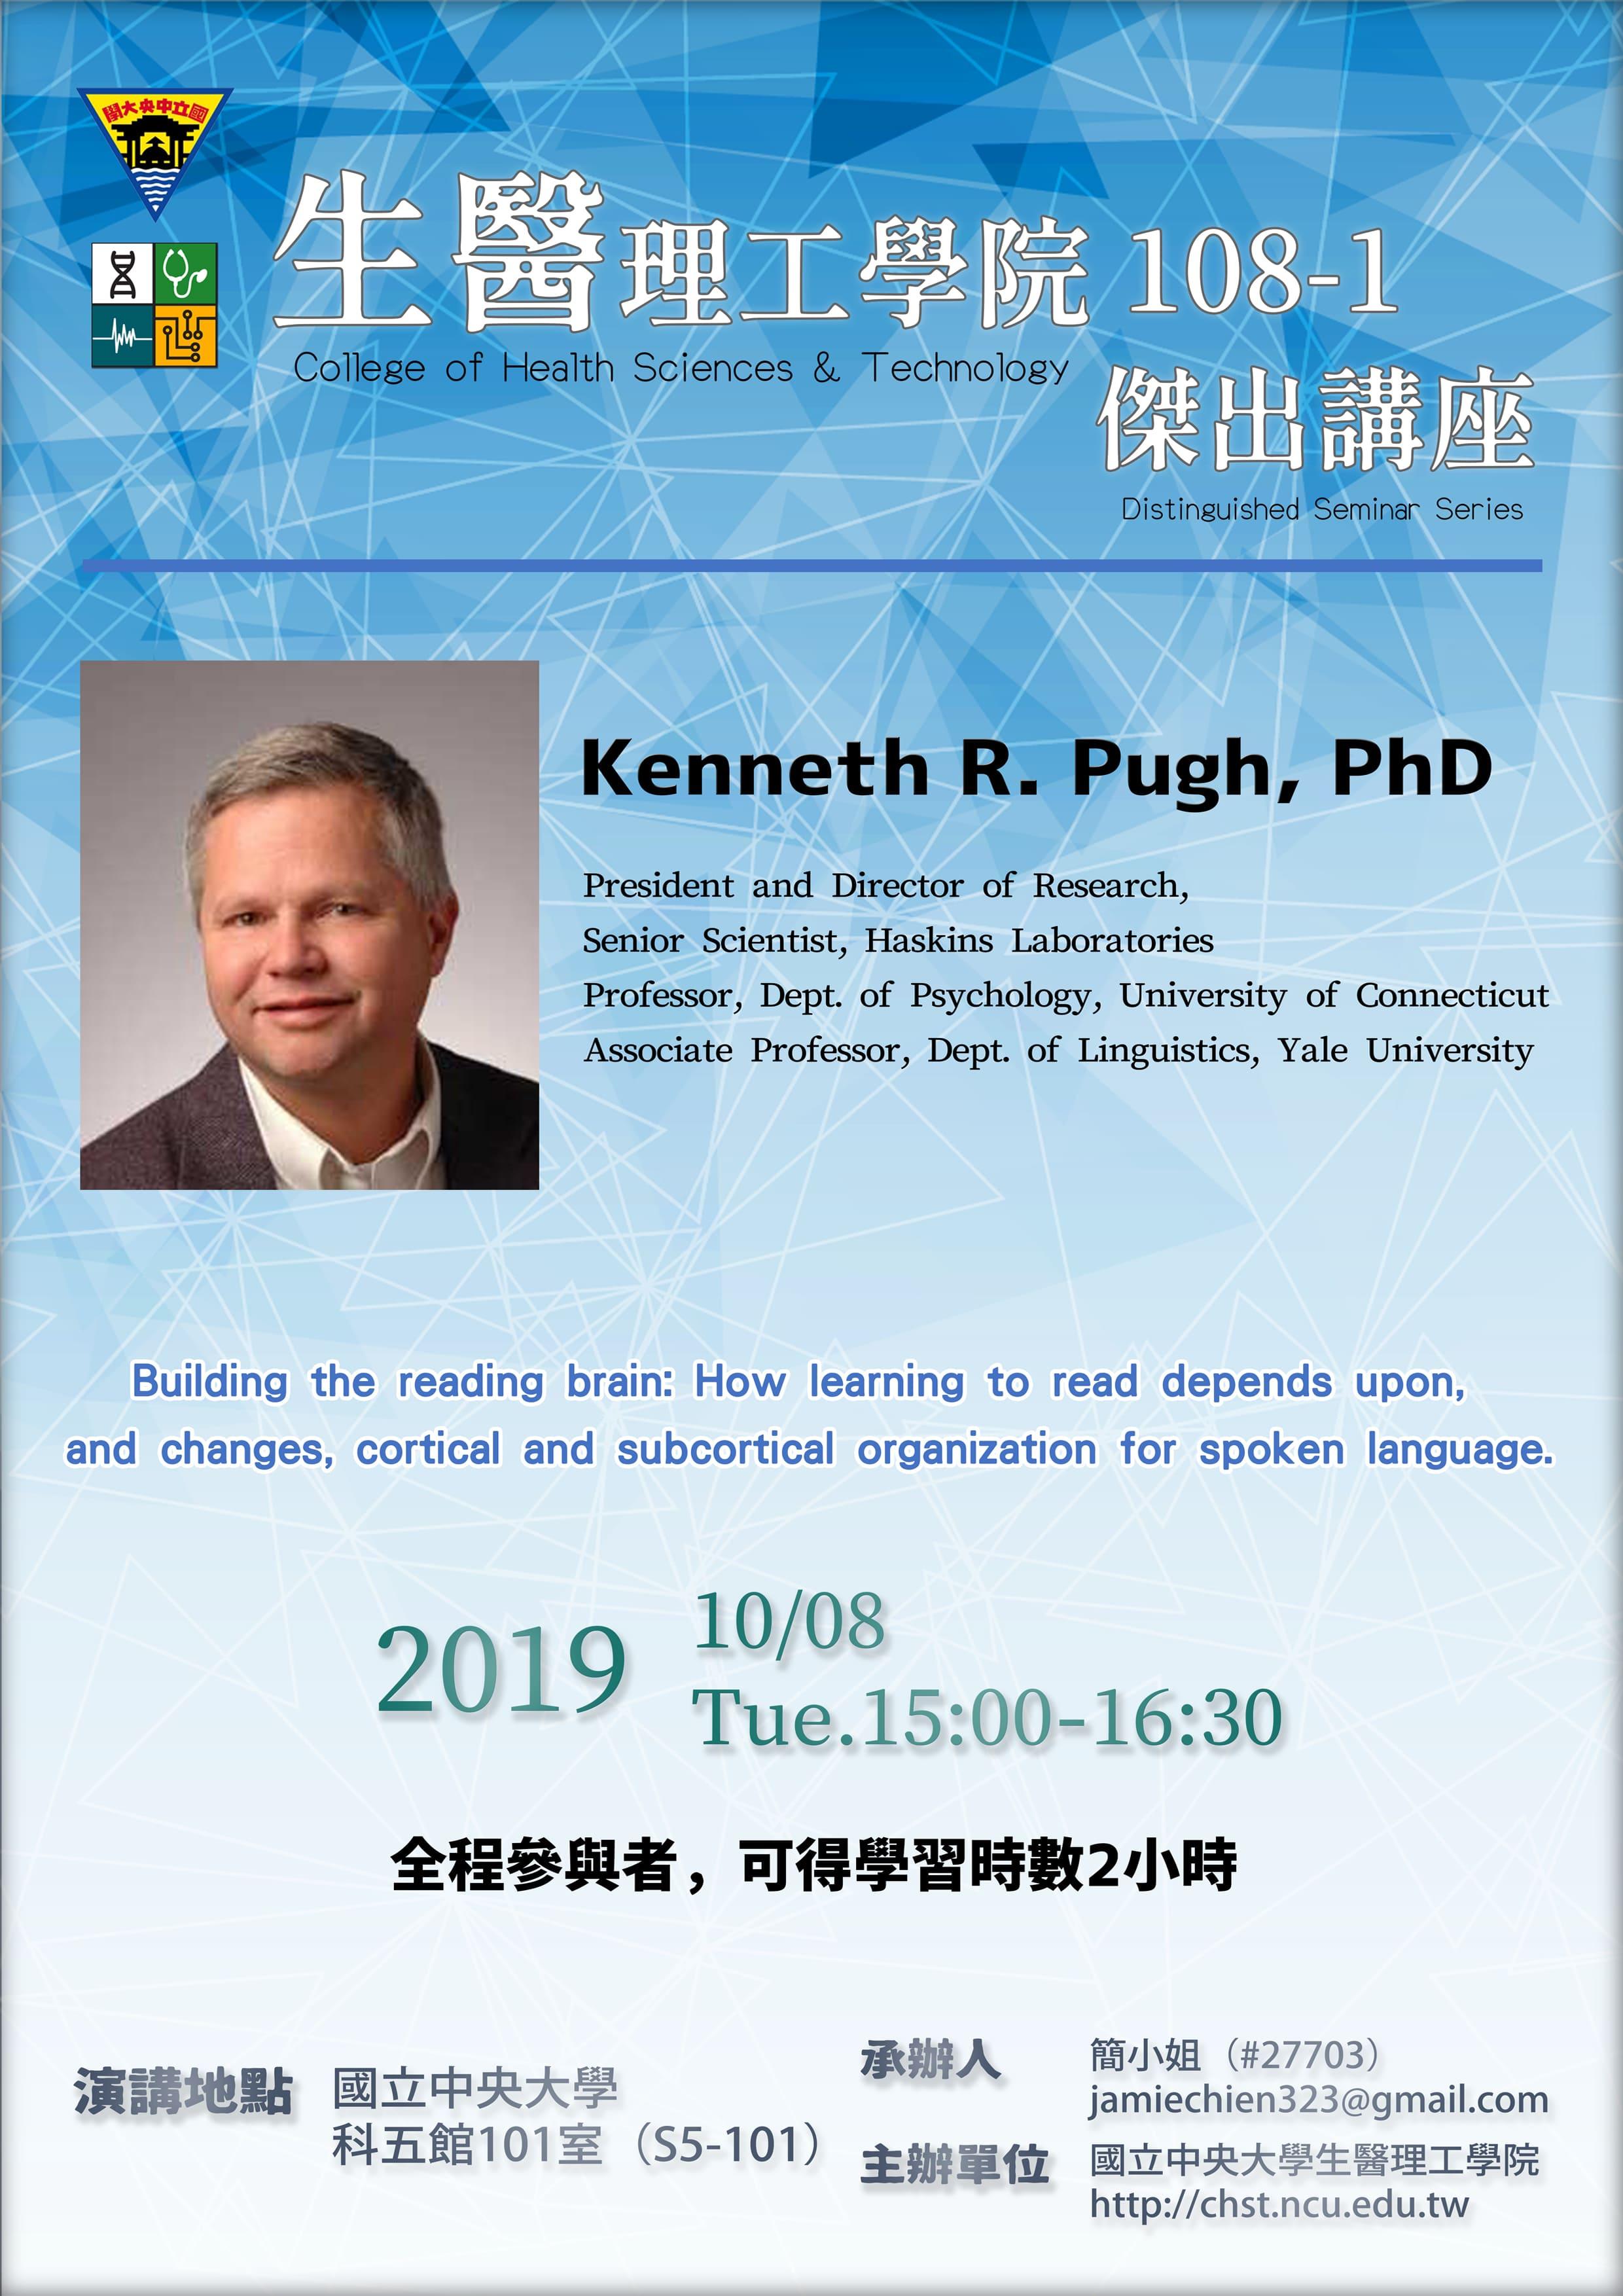 【演講公告】傑出講座-Kenneth R. Pugh, PhD ( 108.10.08 )